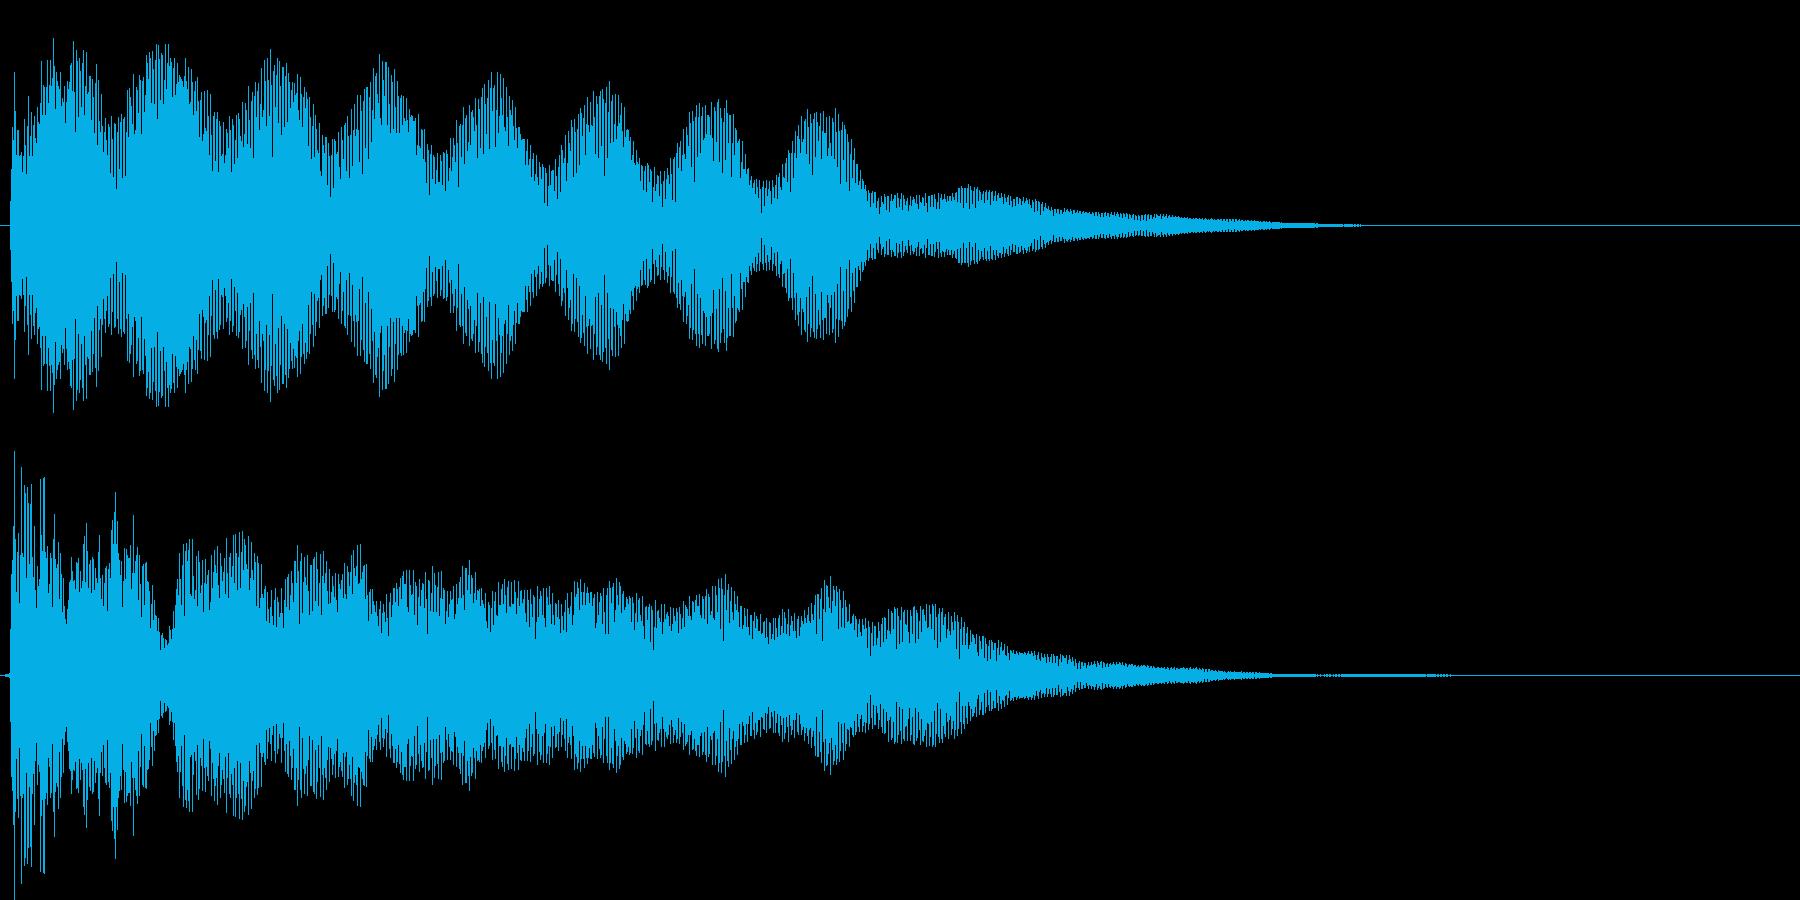 タァーーーの再生済みの波形